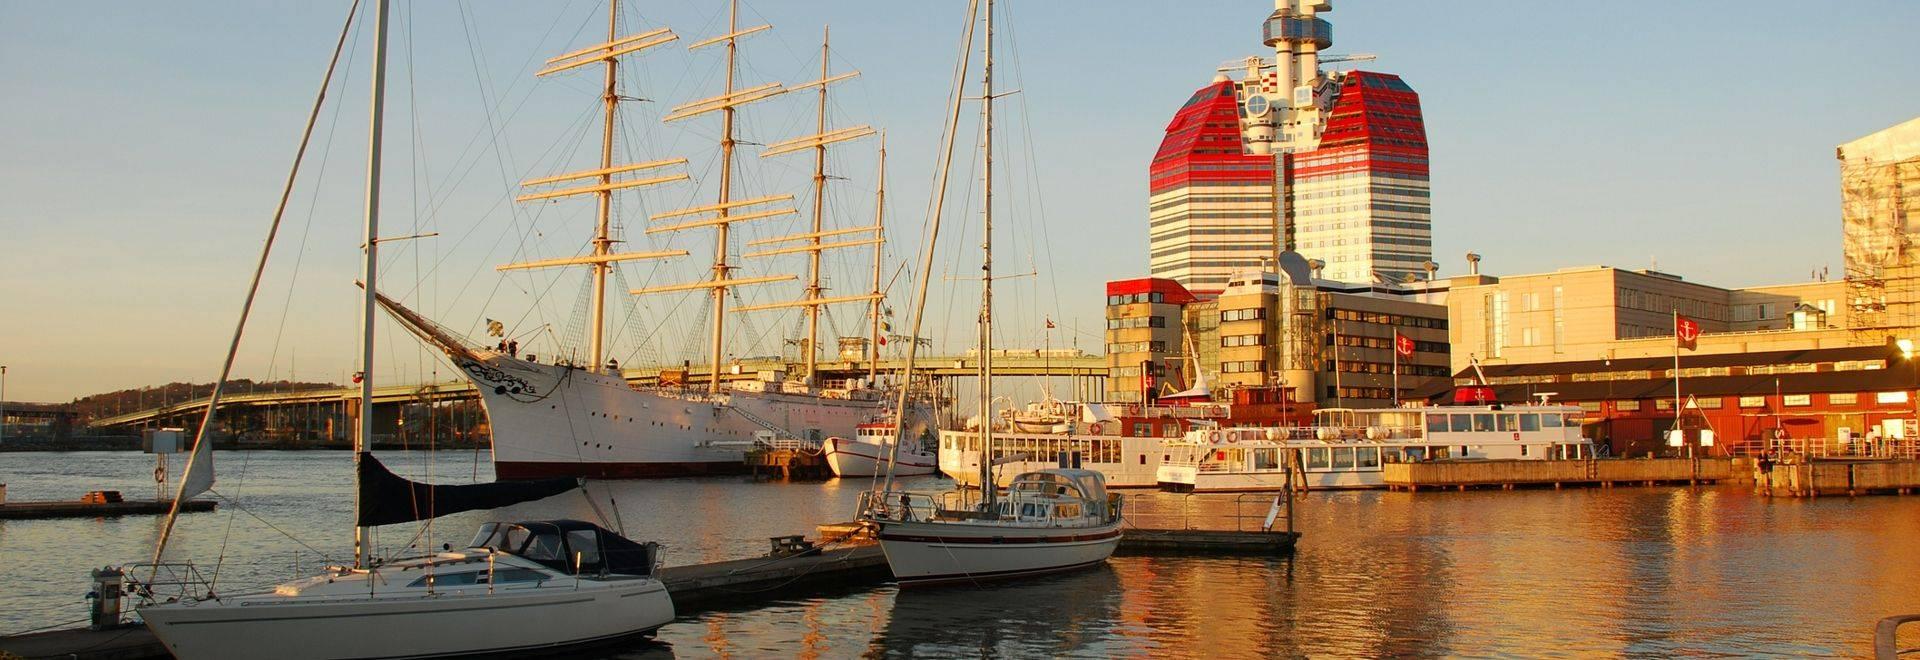 Dreamstime M 24382415 Gothenburg Harbor, Sweden 1